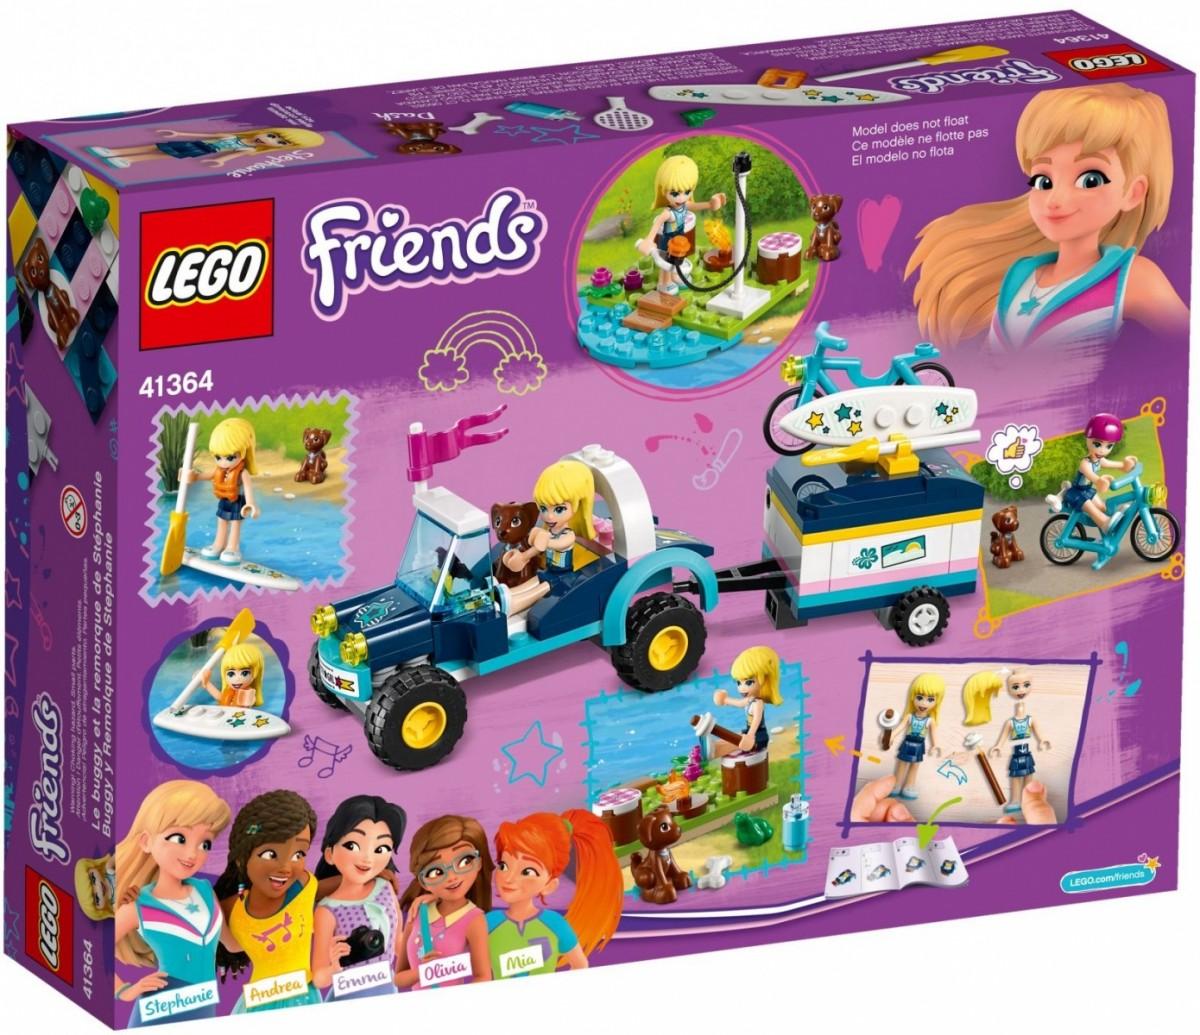 LEGO 41364 Friends Łazik z przyczepką Stephanie (40339)